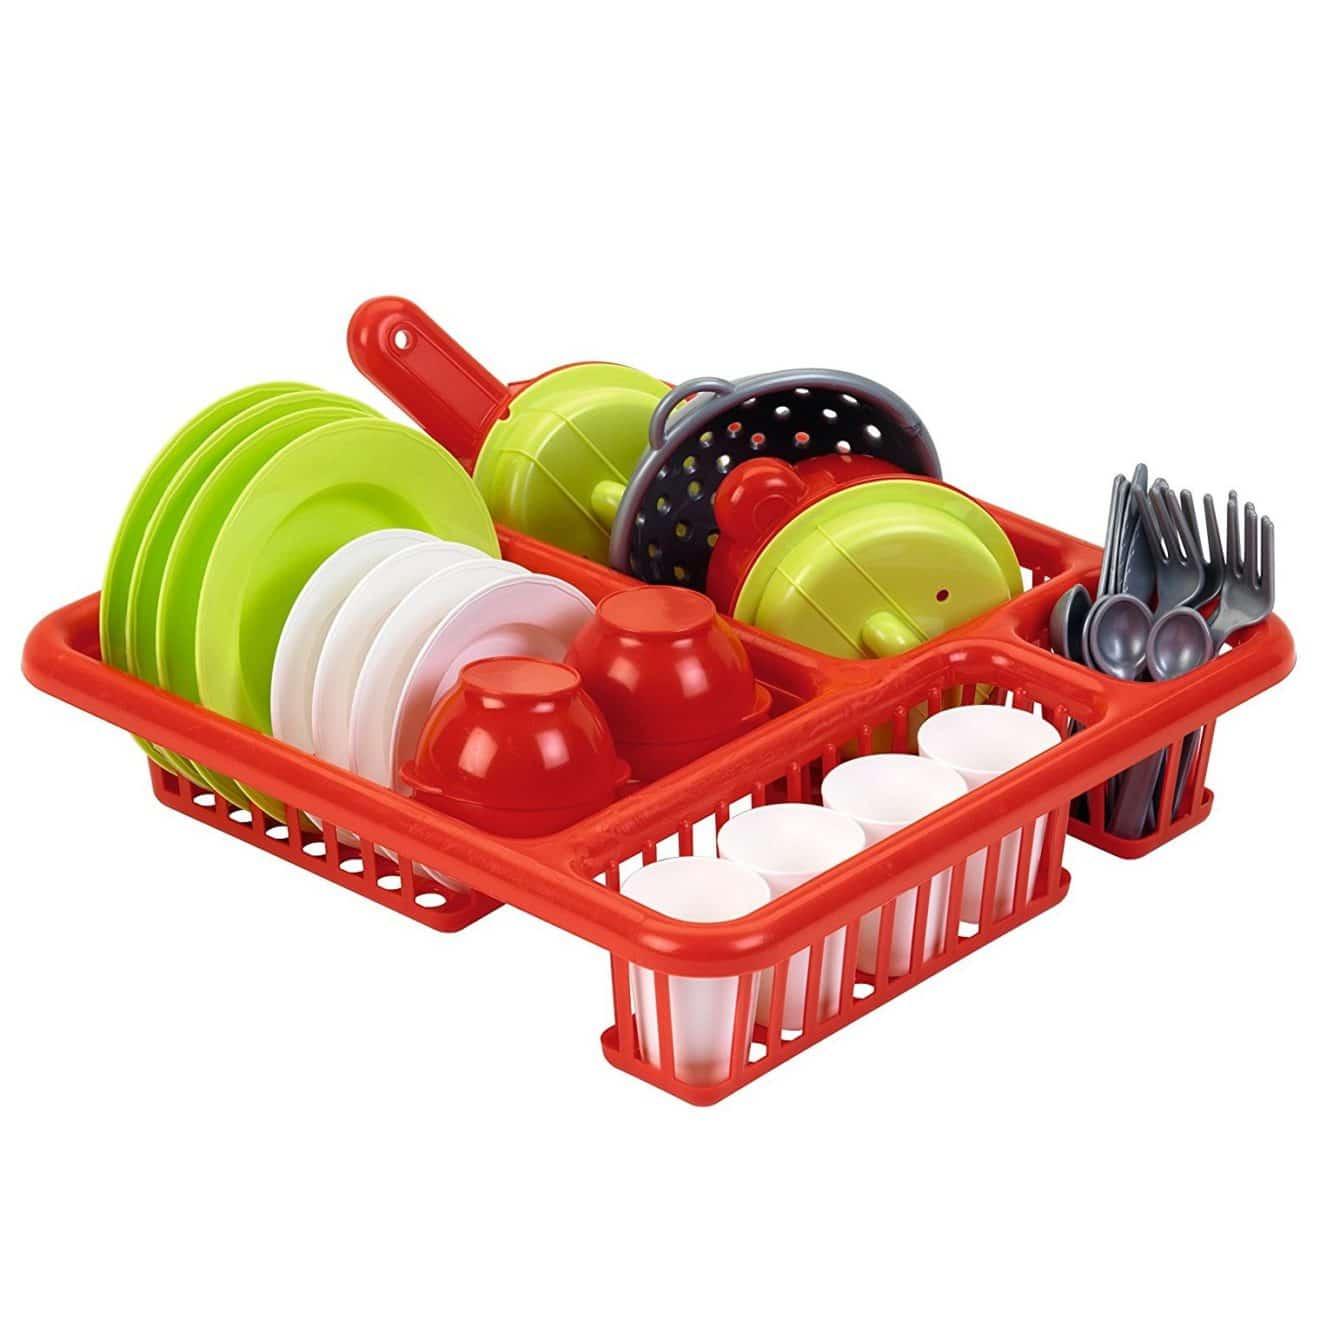 accessoires cuisine pour enfants : egouttoir ecoiffier